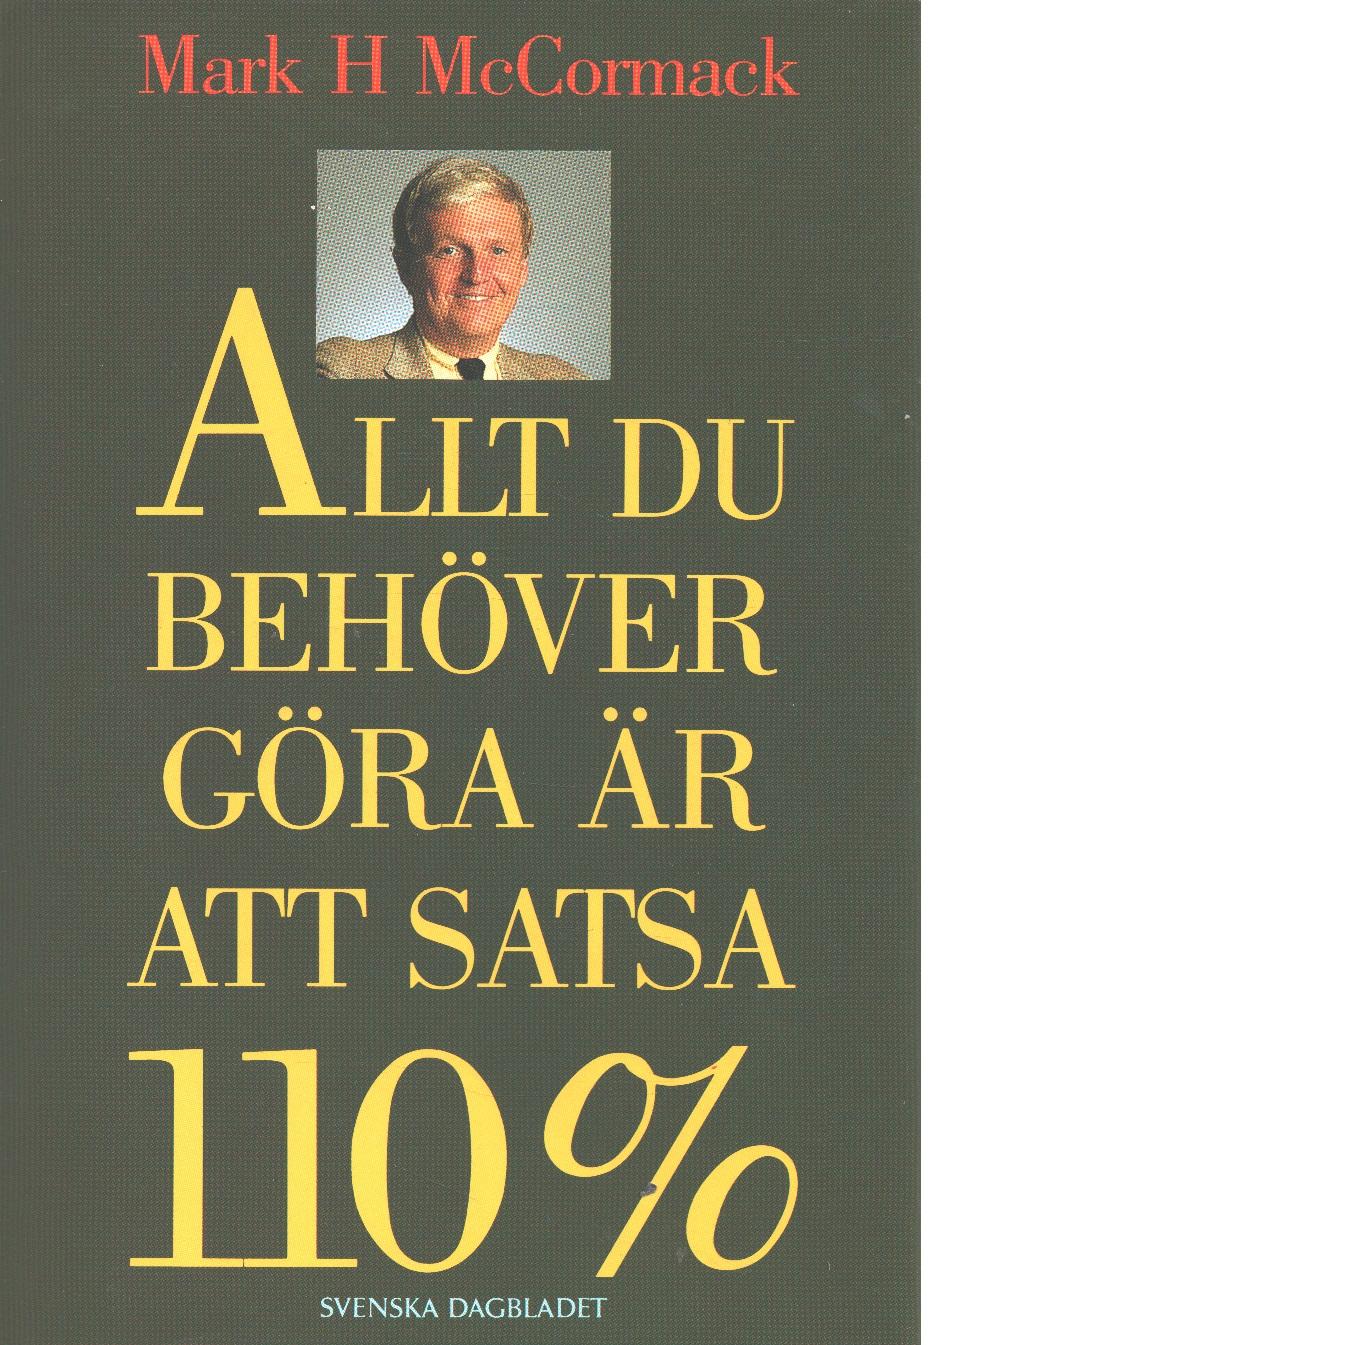 Allt du behöver göra är att satsa 110% - McCormack, Mark H.